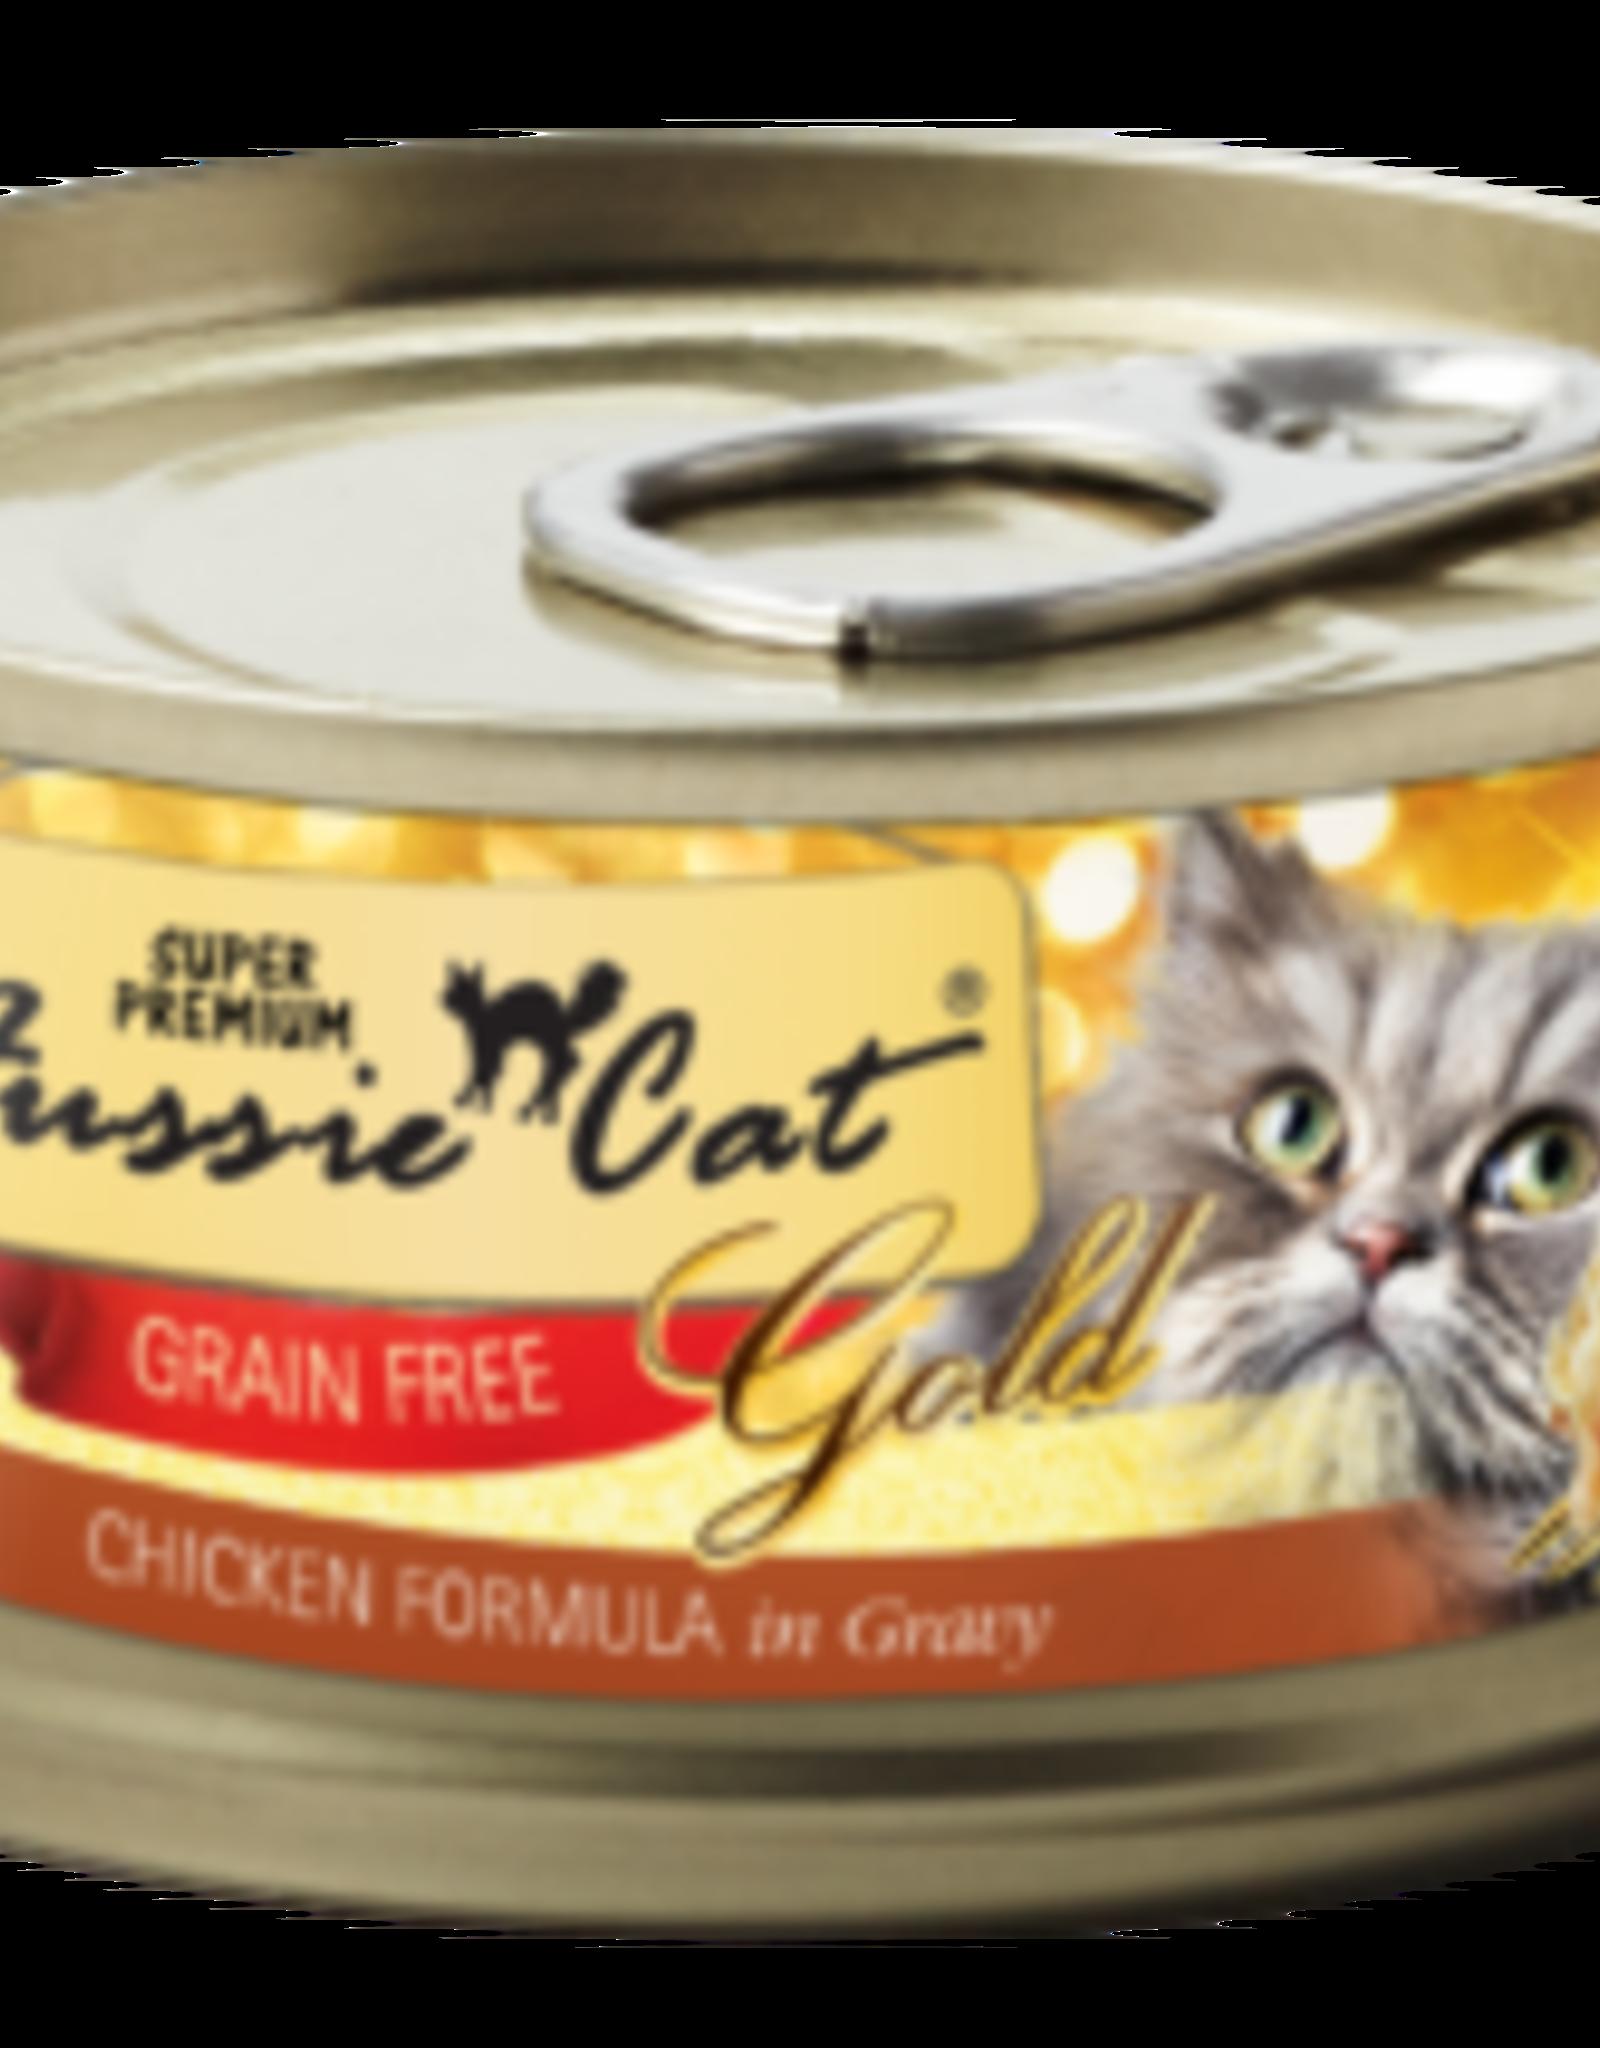 Fussie Cat Cat Chicken in Gravy Shredded - Grain-Free 2.82oz